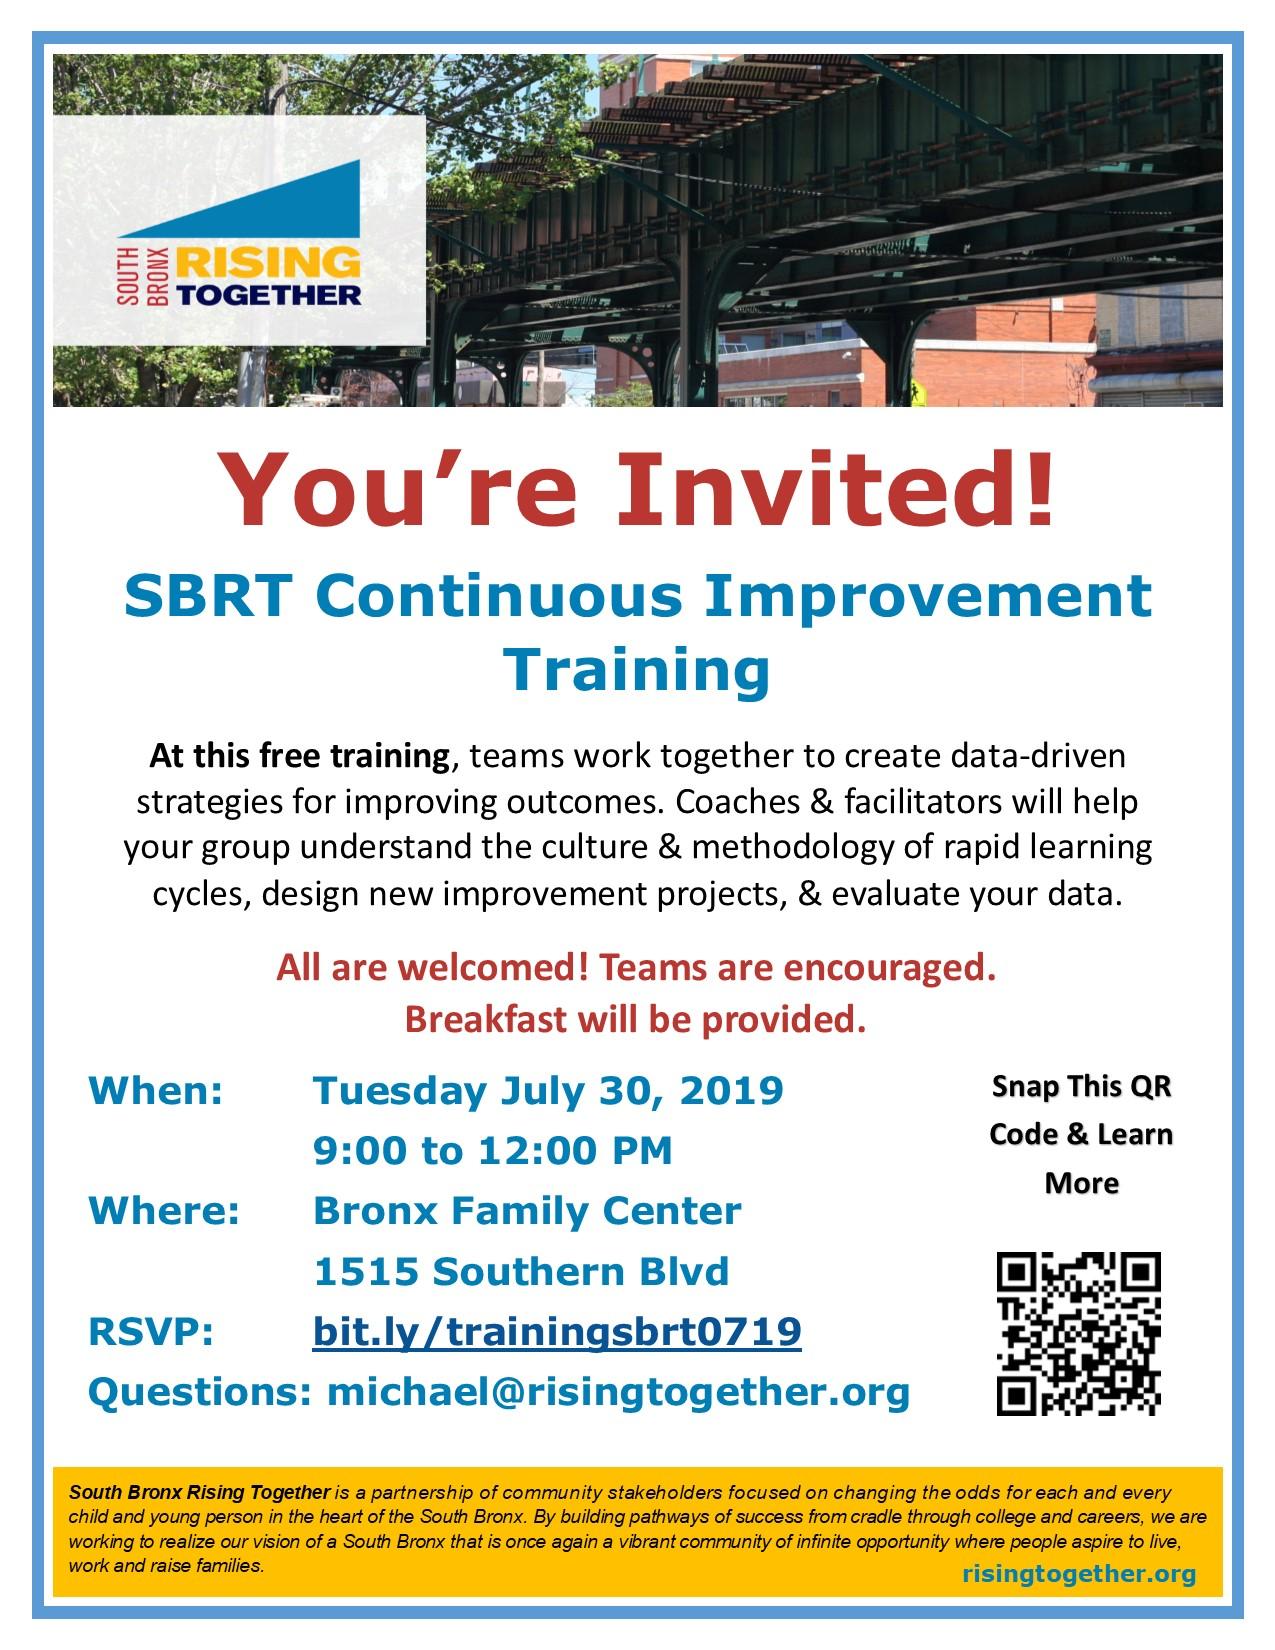 Flyer - SBRT Continuous Improvement Training - Michael Partis.jpg